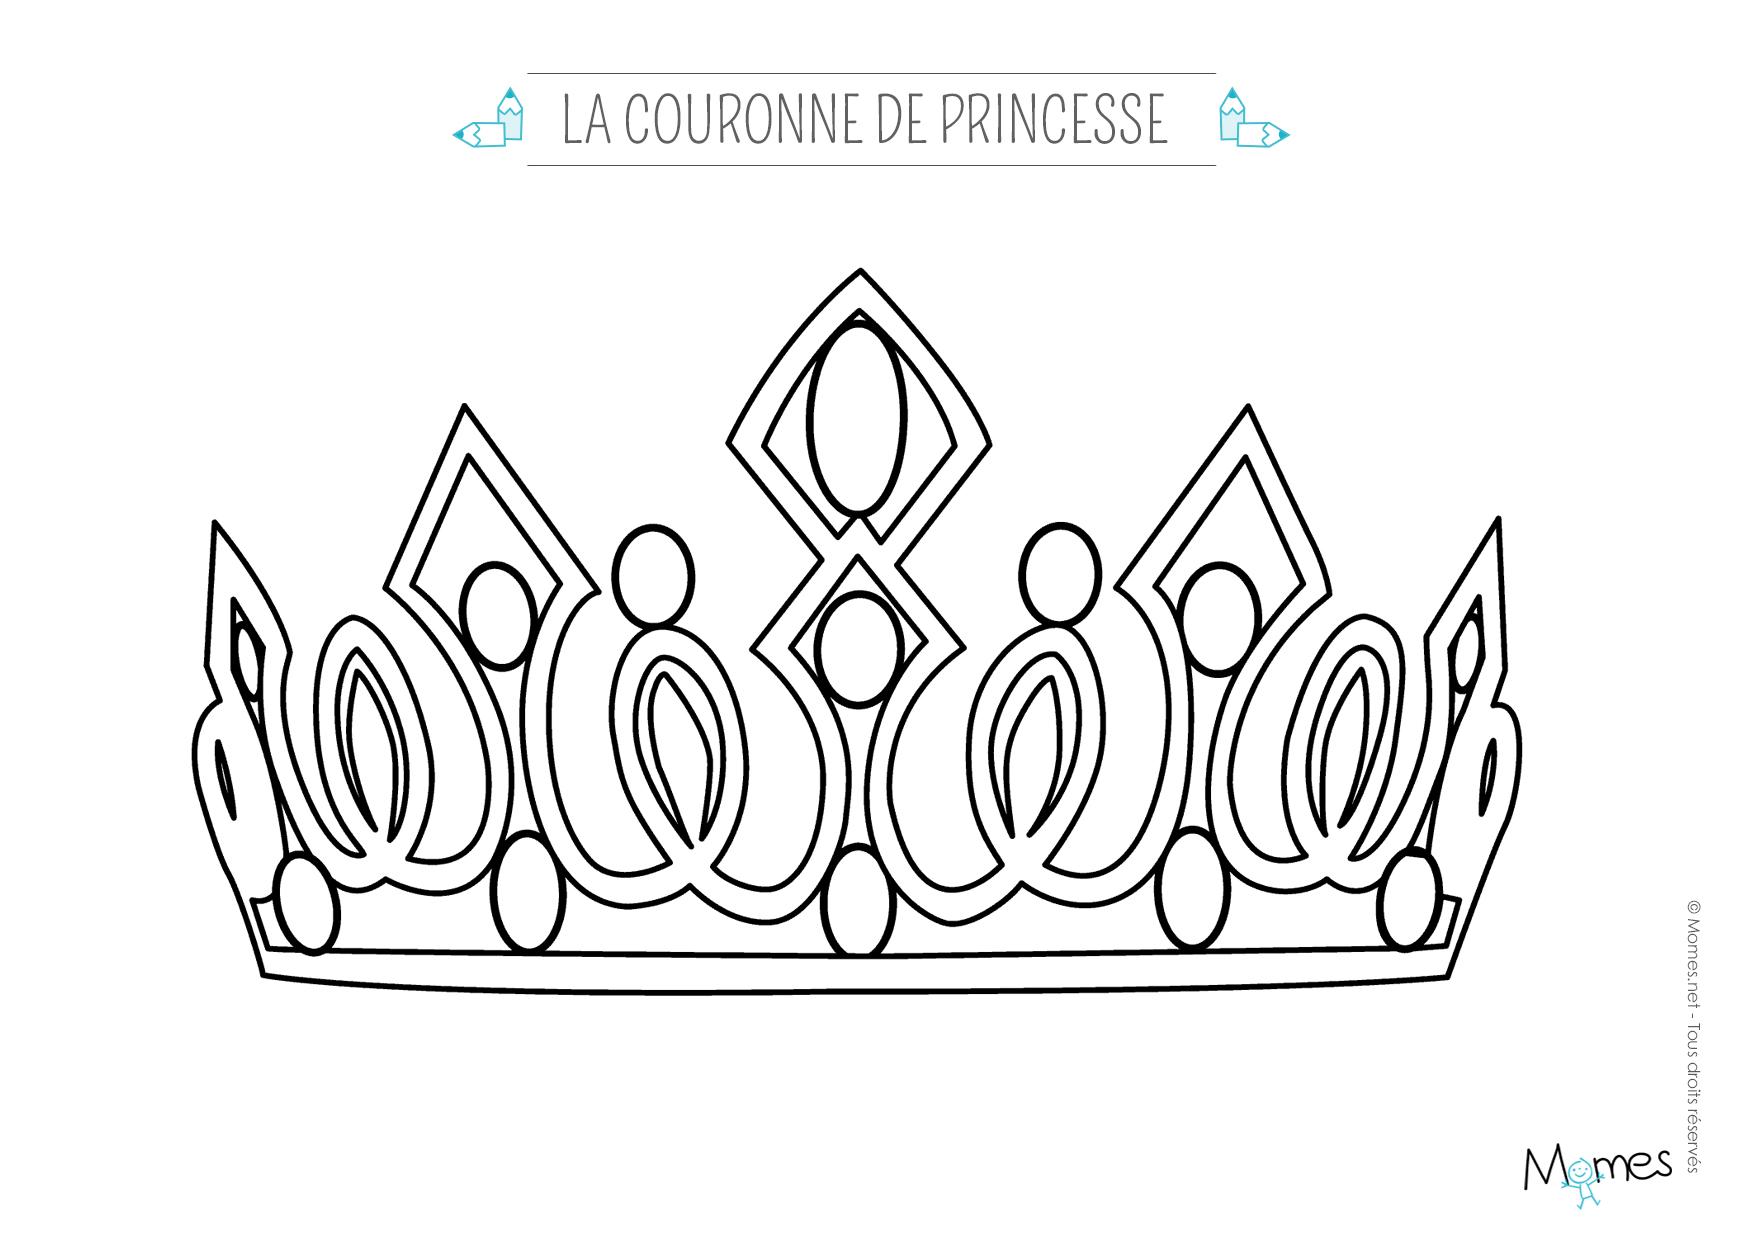 Inspirant Image à Colorier Princesse